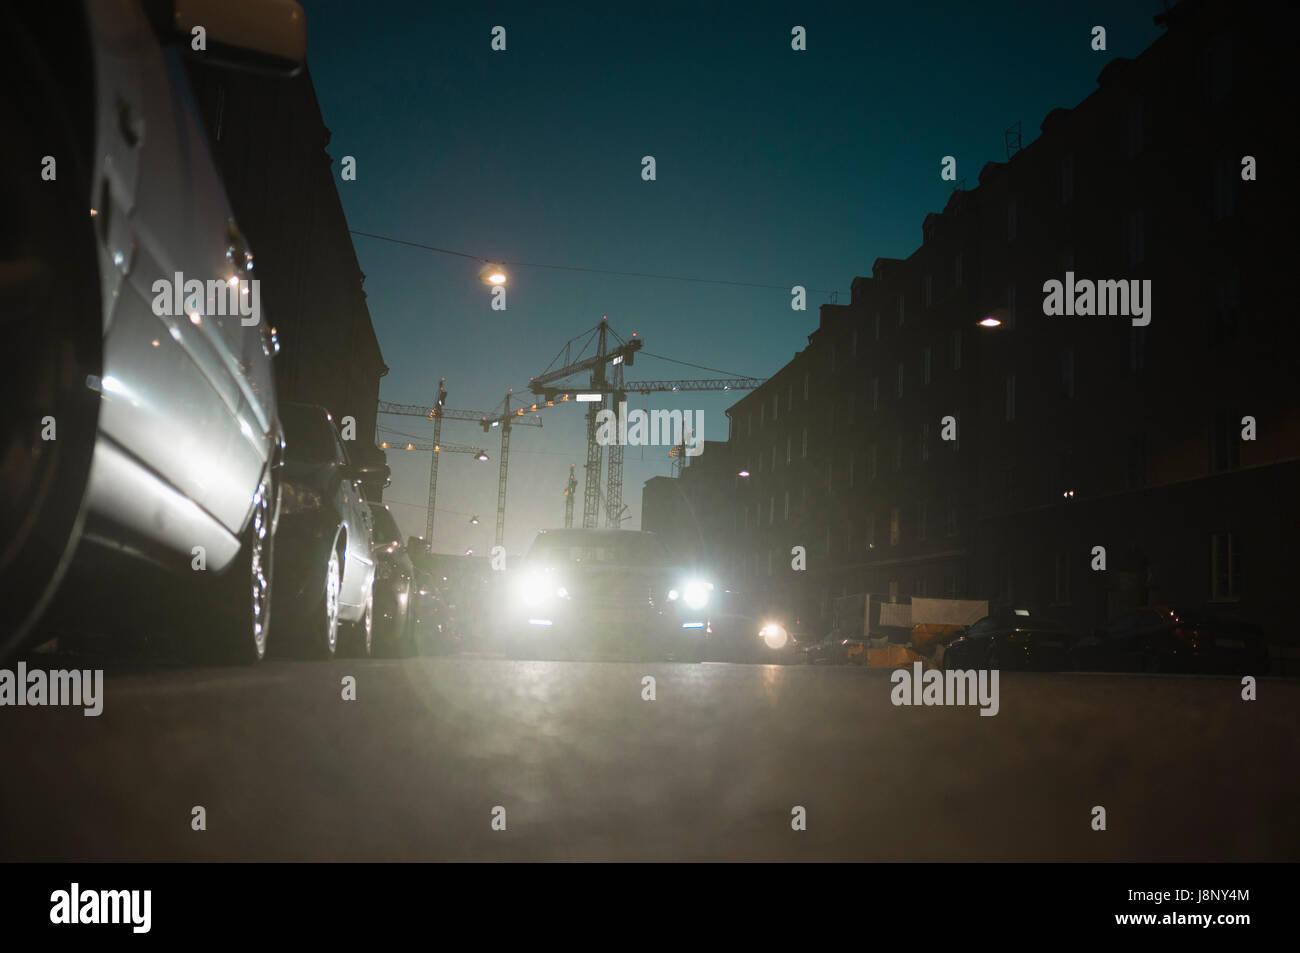 Trafic de nuit Banque D'Images